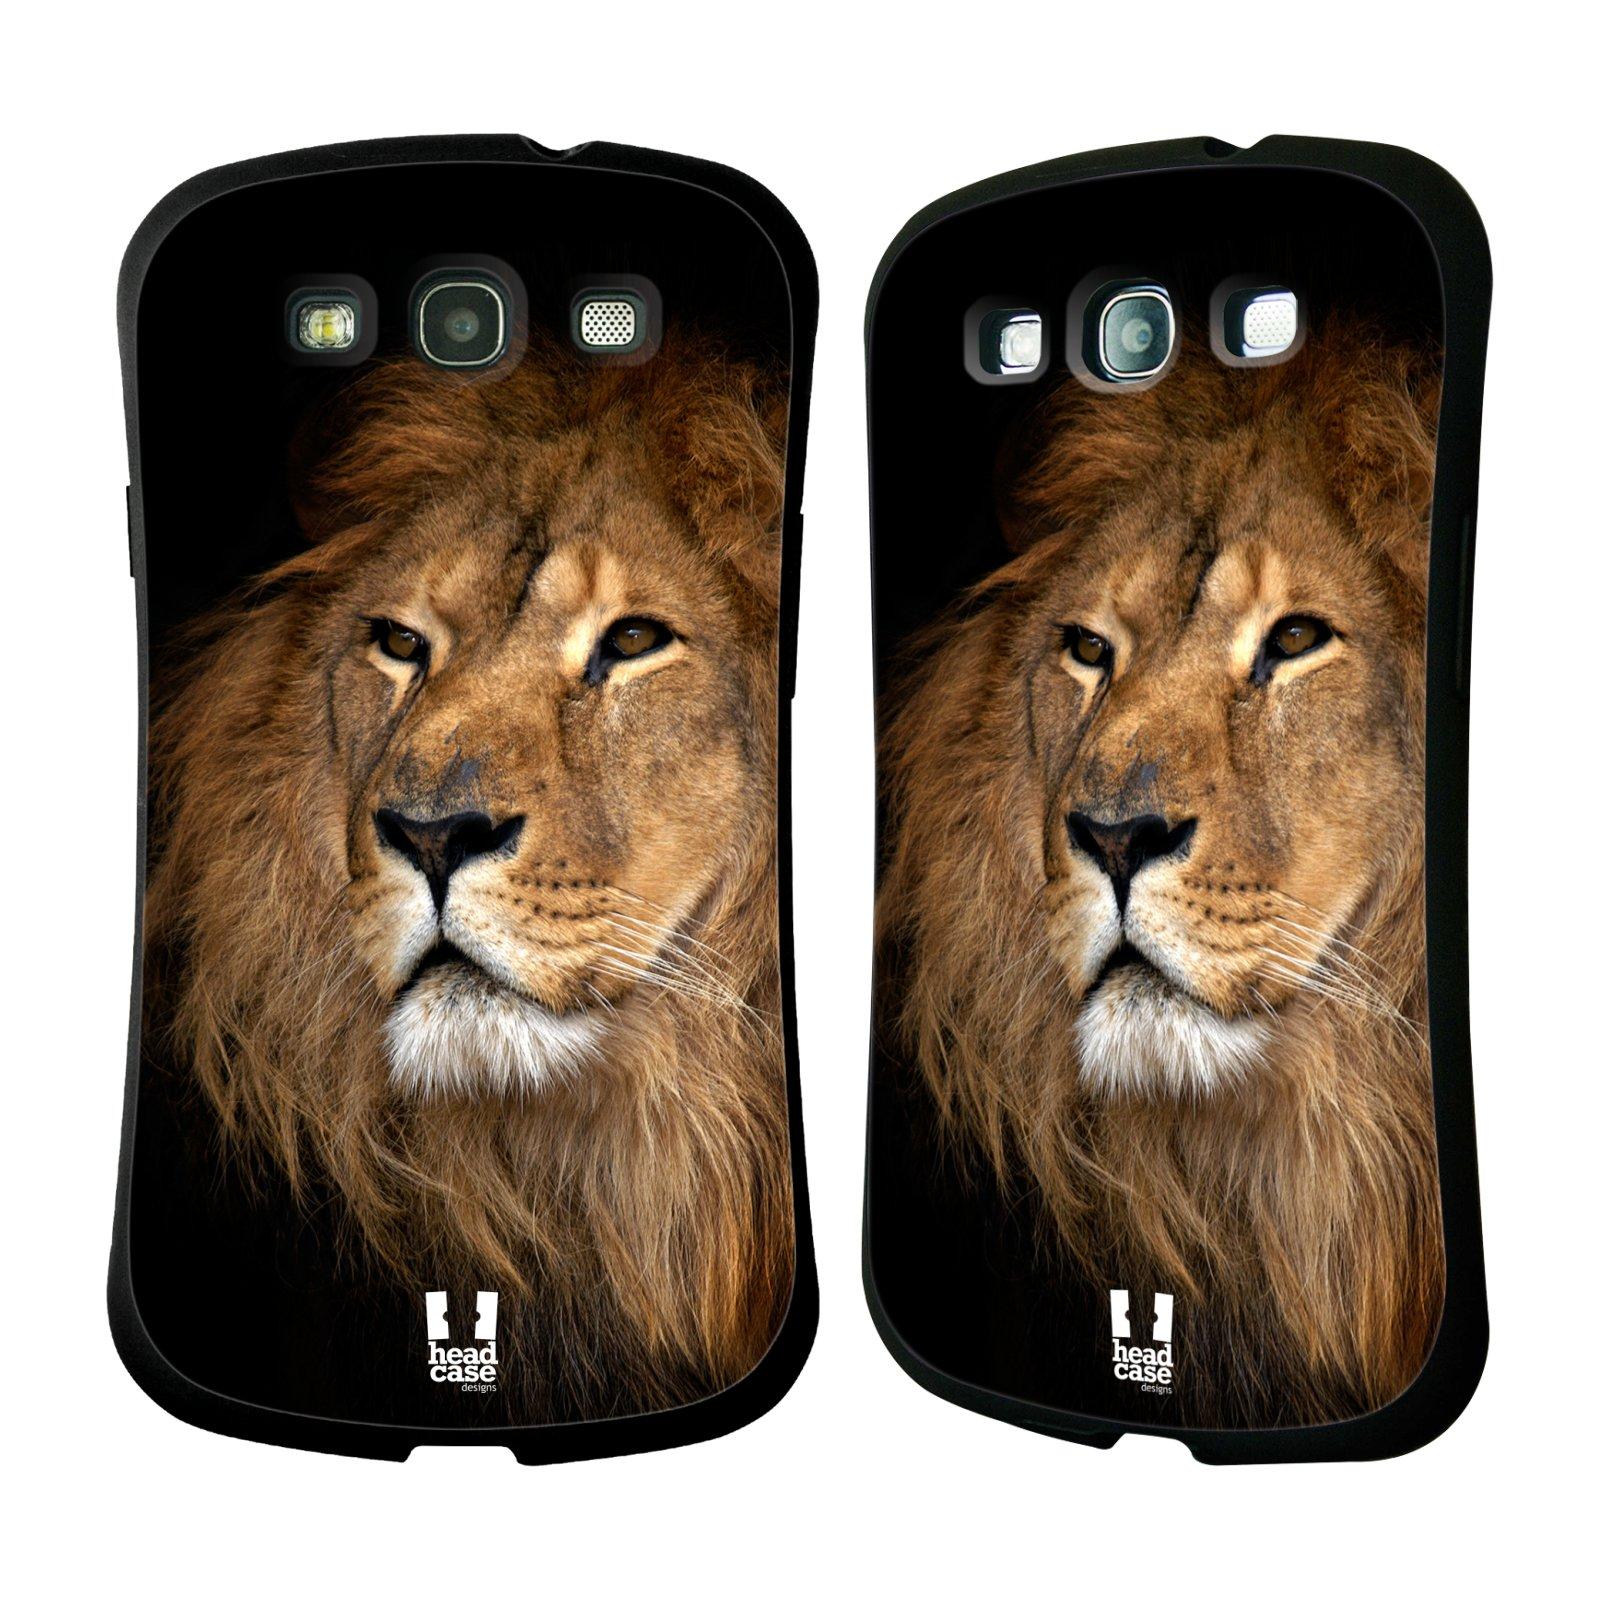 HEAD CASE silikon/plast odolný obal na mobil Samsung Galaxy S3 vzor Divočina, Divoký život a zvířata foto LEV KRÁL ZVÍŘAT